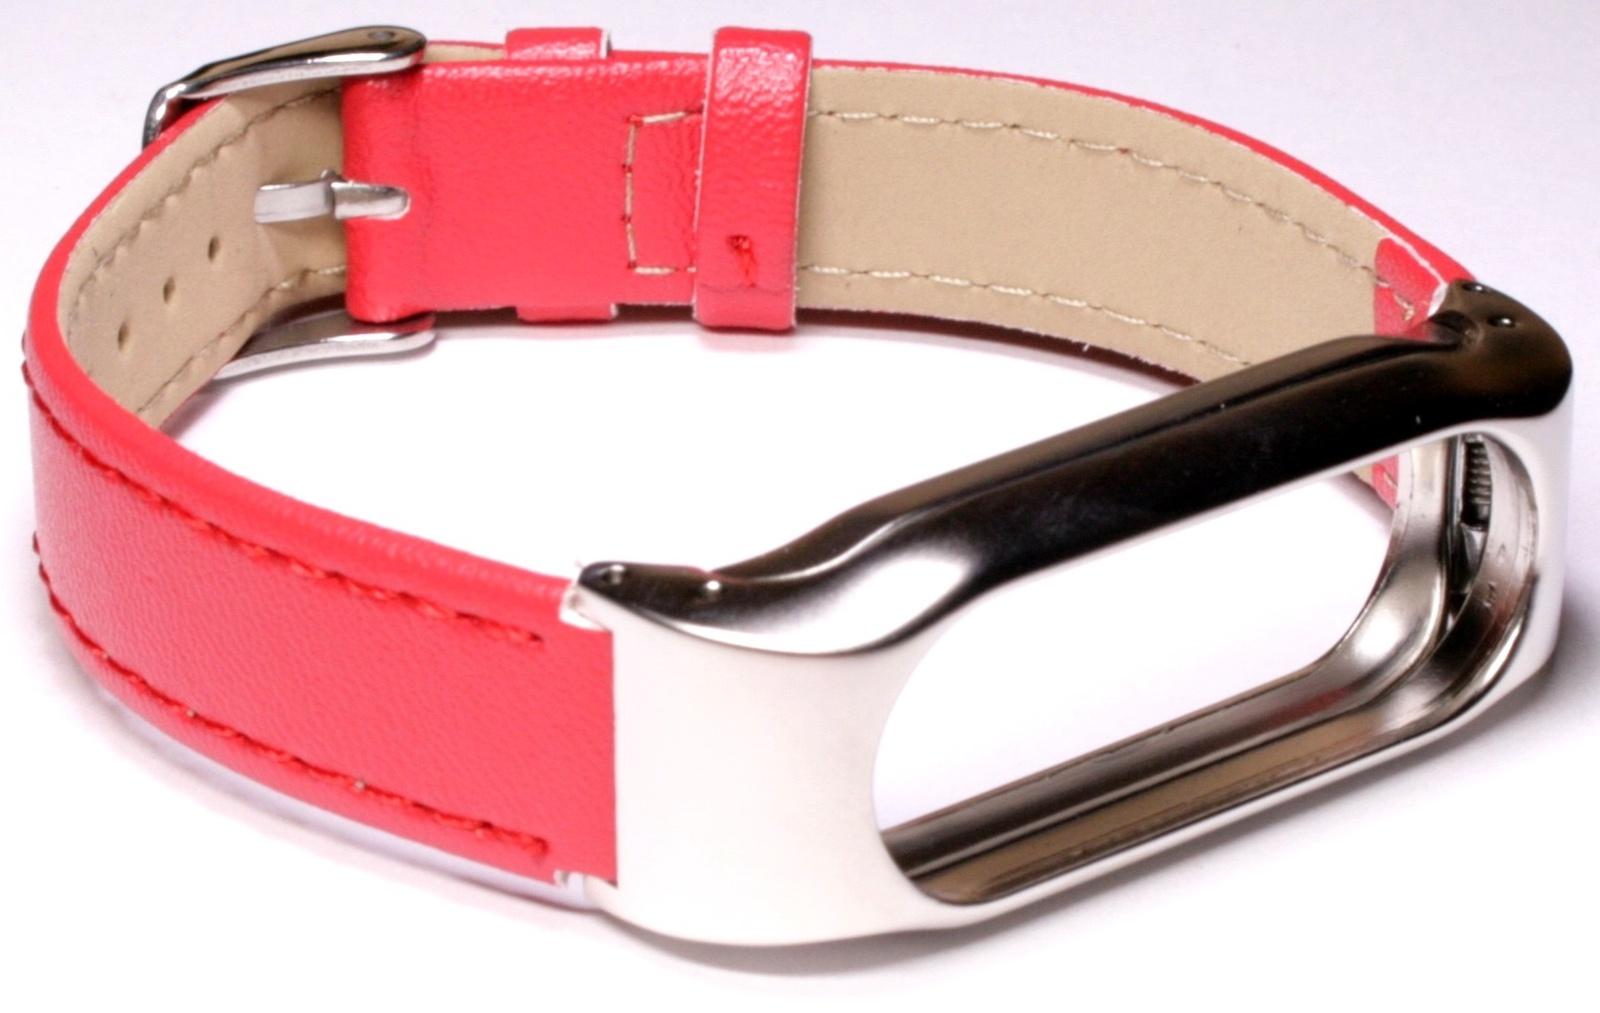 Ремешок для смарт-часов Xiaomi Mi Band 2 кожаный красный, BMiB2L Red фитнес трекер honor band 4 running red